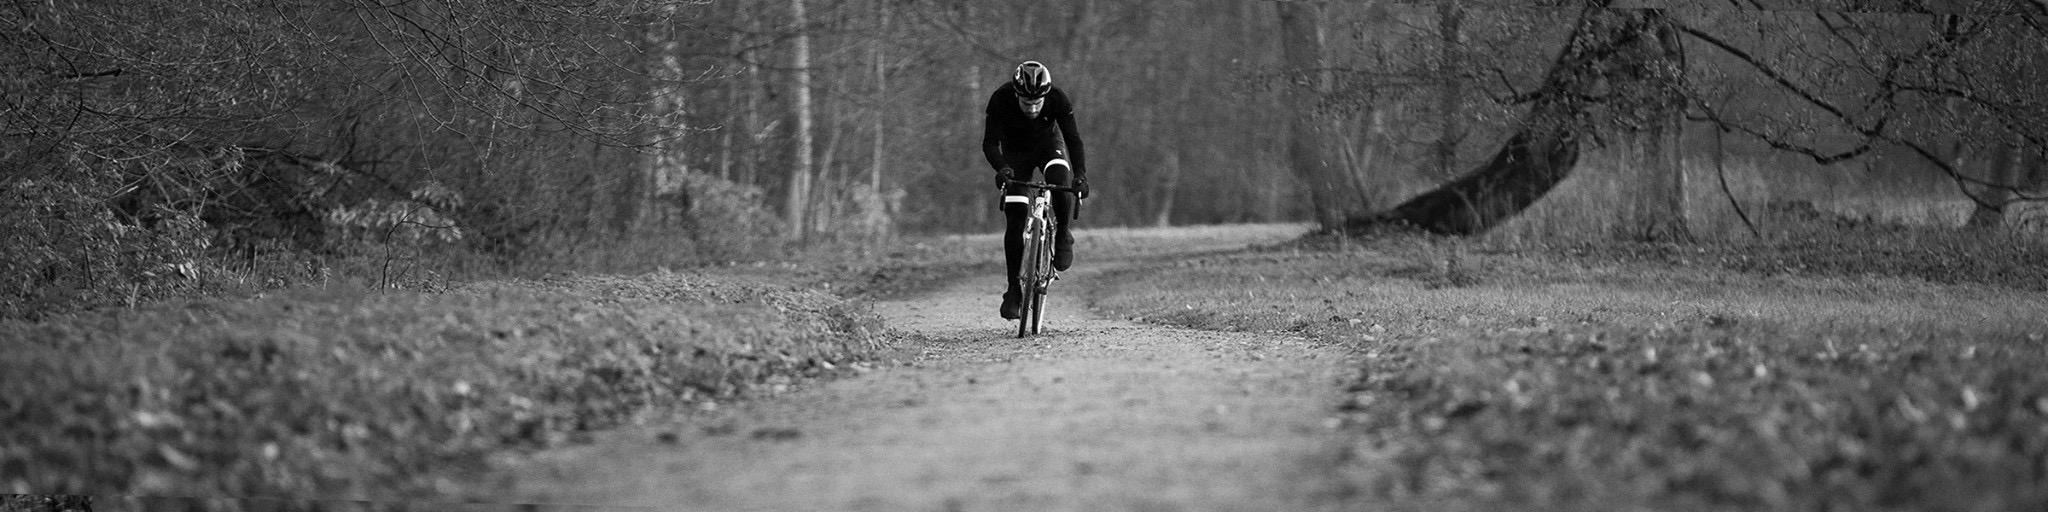 RYZON,bikingtom